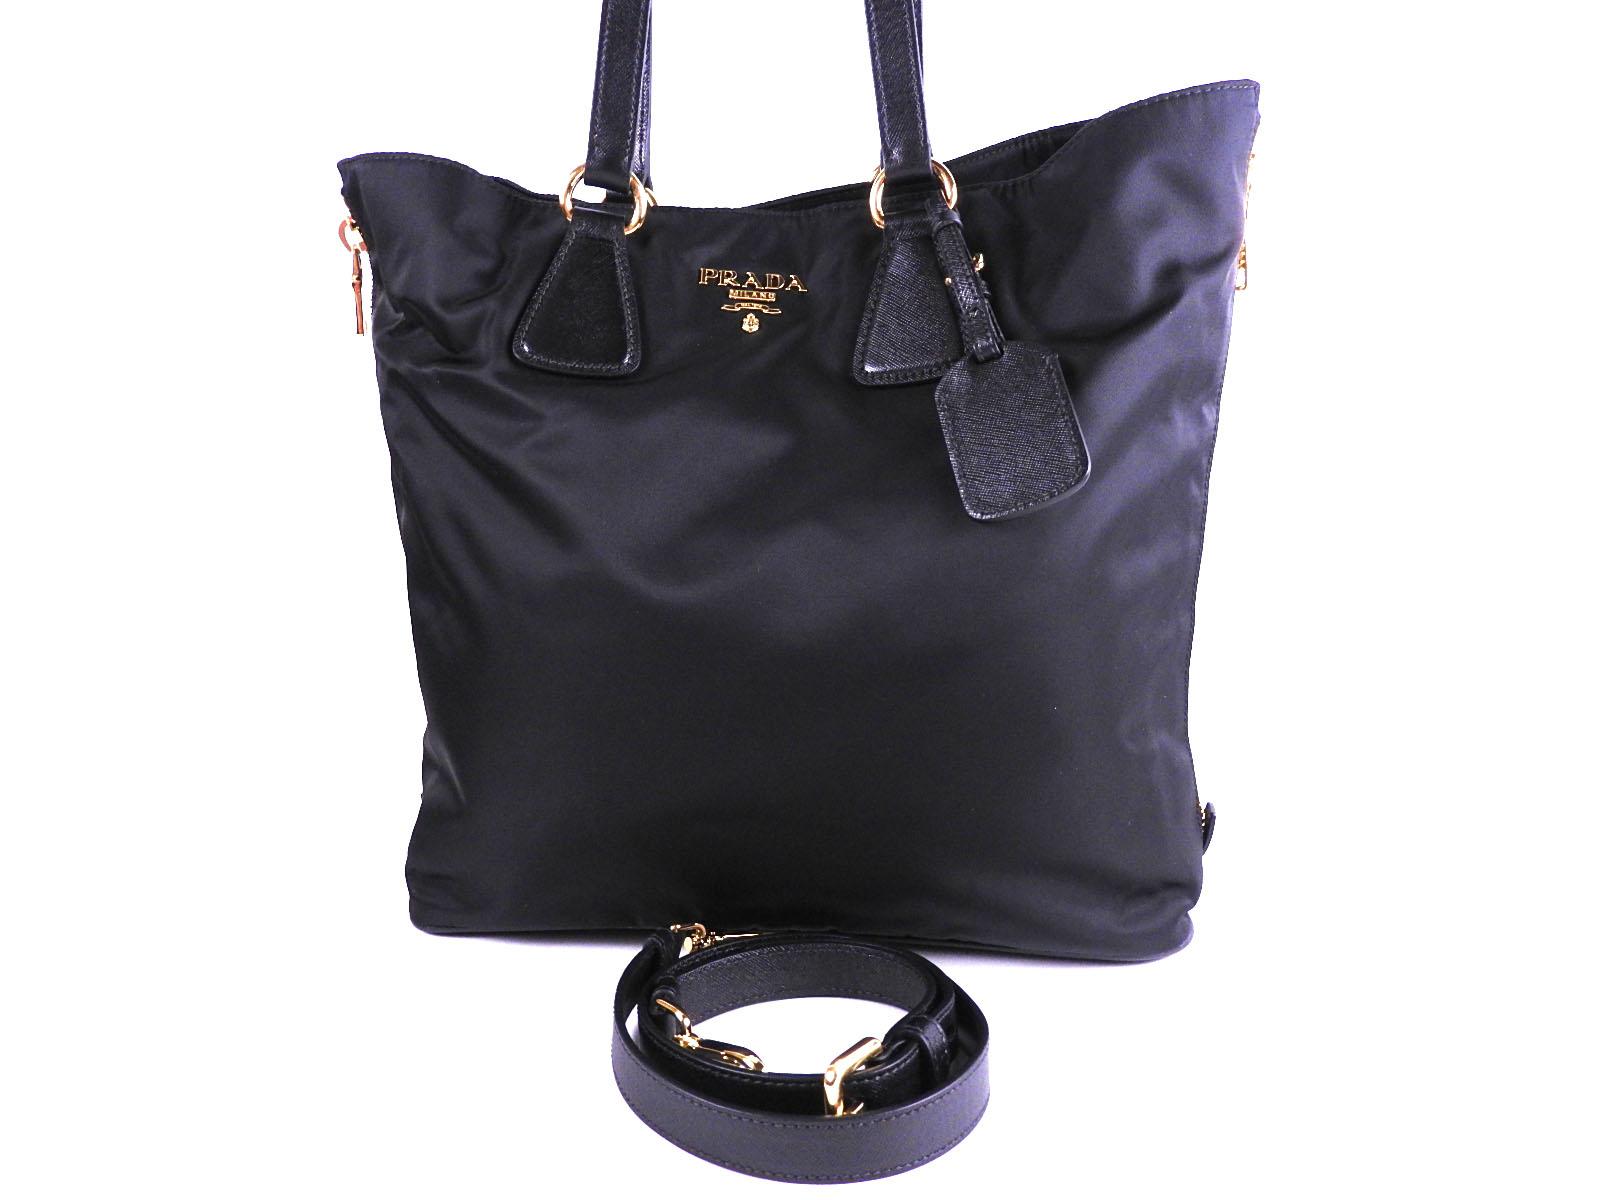 0e214f2c8668f9 Auth PRADA Tessuto Nylon SAFFIANO Leather 2way Tote Bag Shoulder Bag Black  NERO Gold BR4988 A-9450